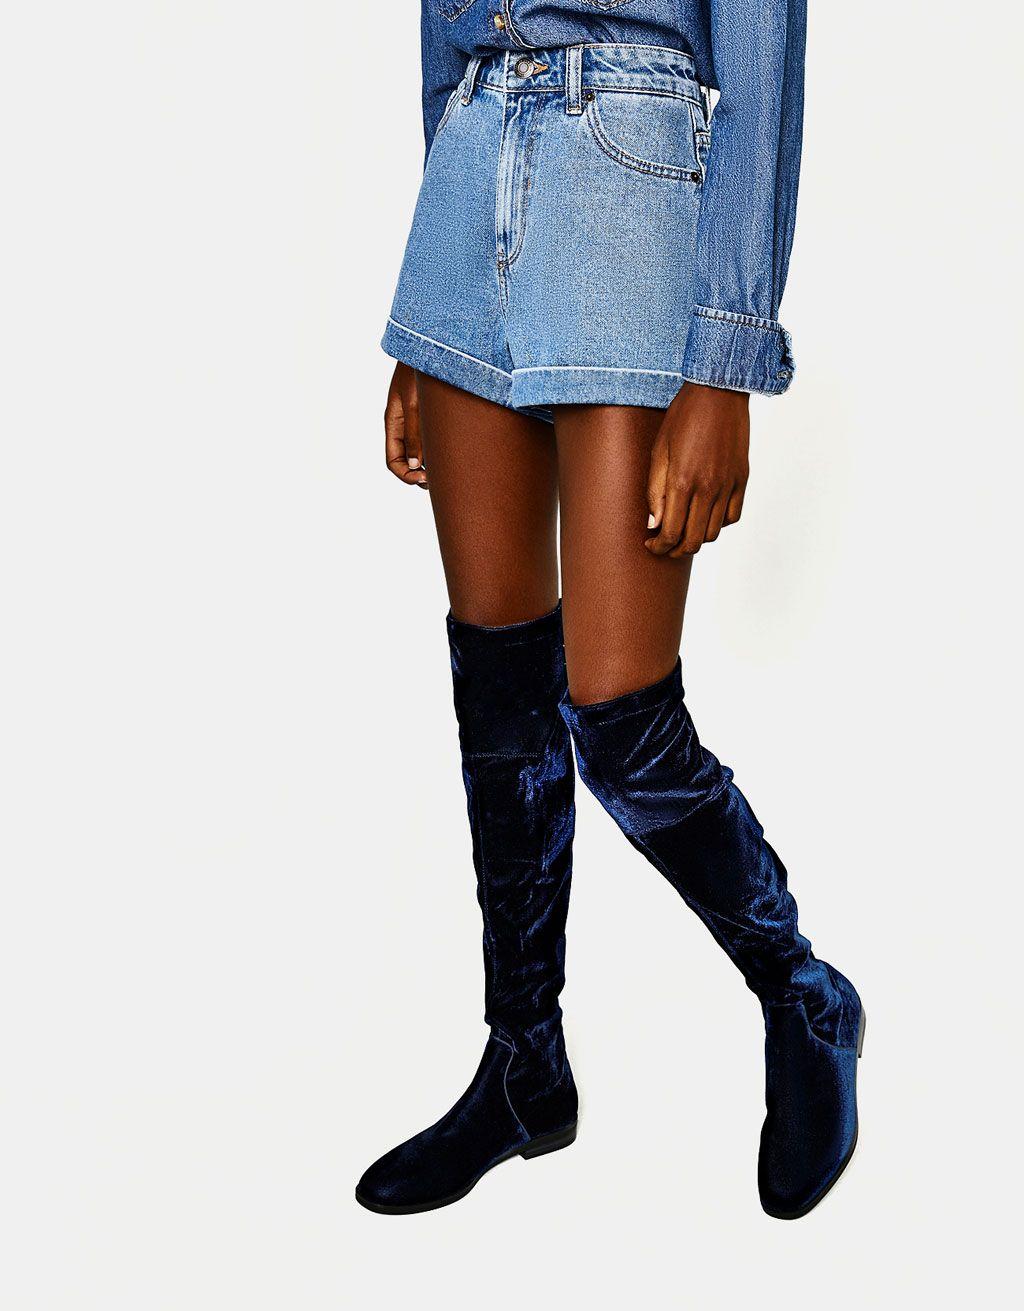 Aksamitne Elastyczne Kozaki Xl Na Plaskiej Podeszwie Mini Skirts Boots Denim Skirt